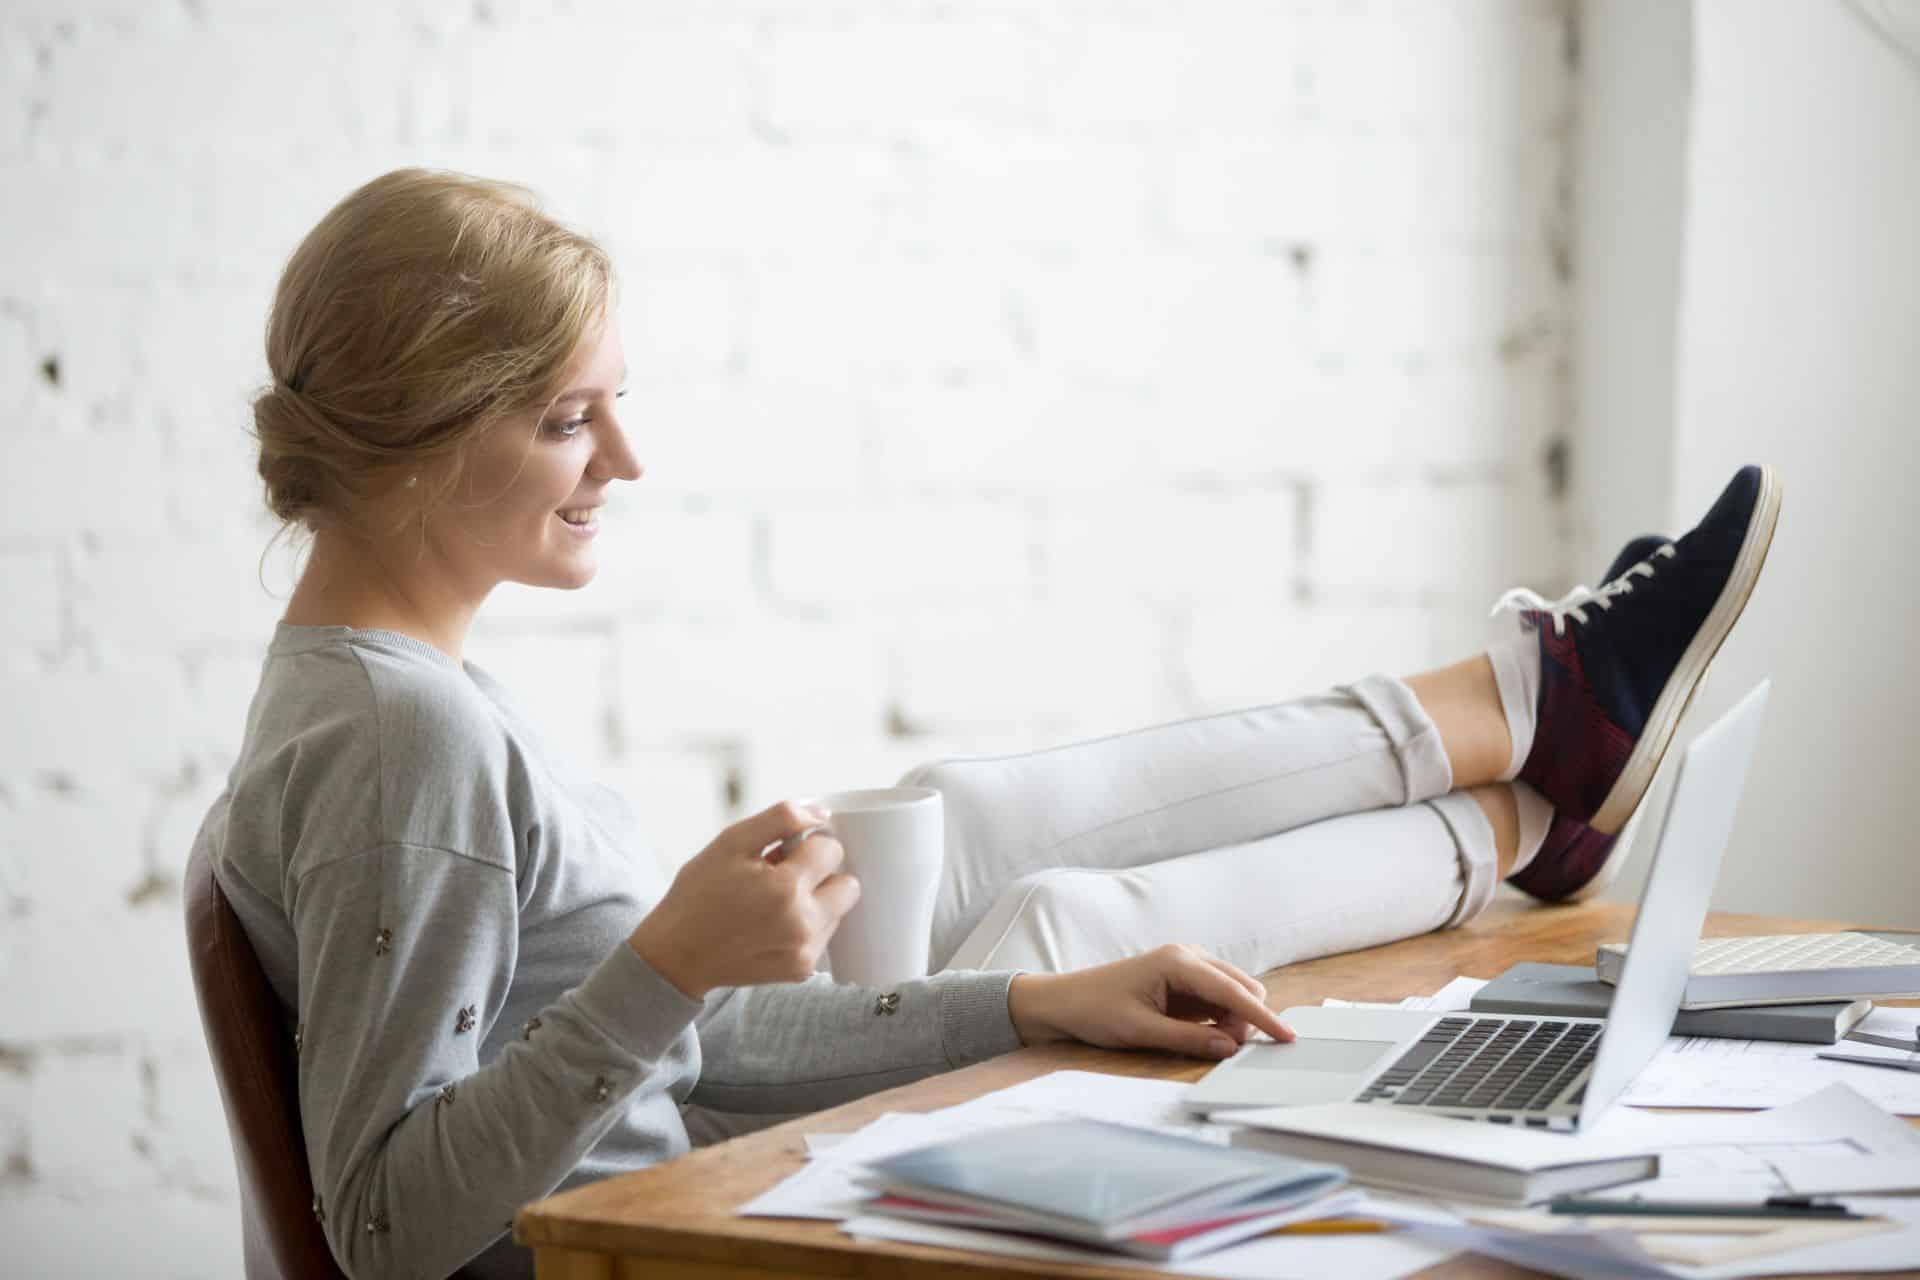 hogyan lehet pénzt keresni otthon ülve